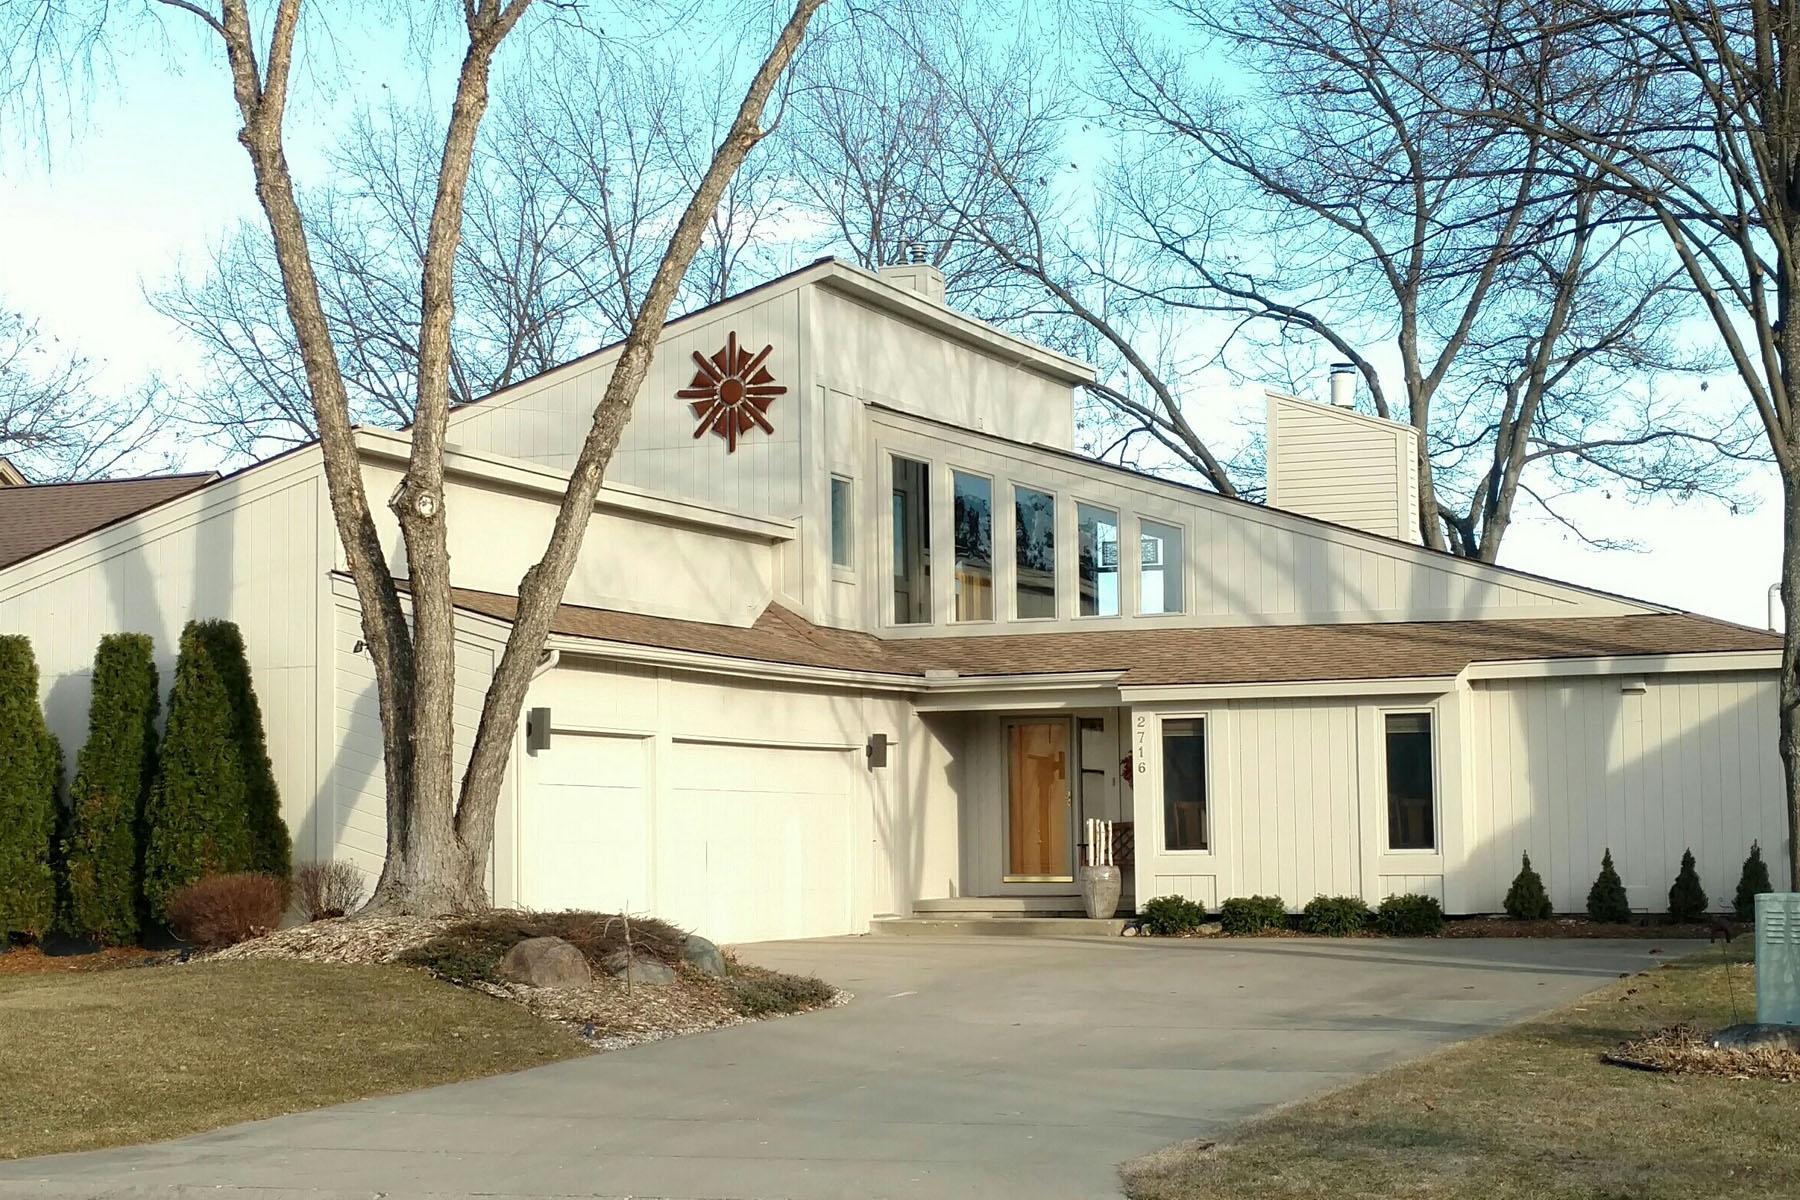 Propiedad en venta Orion Township